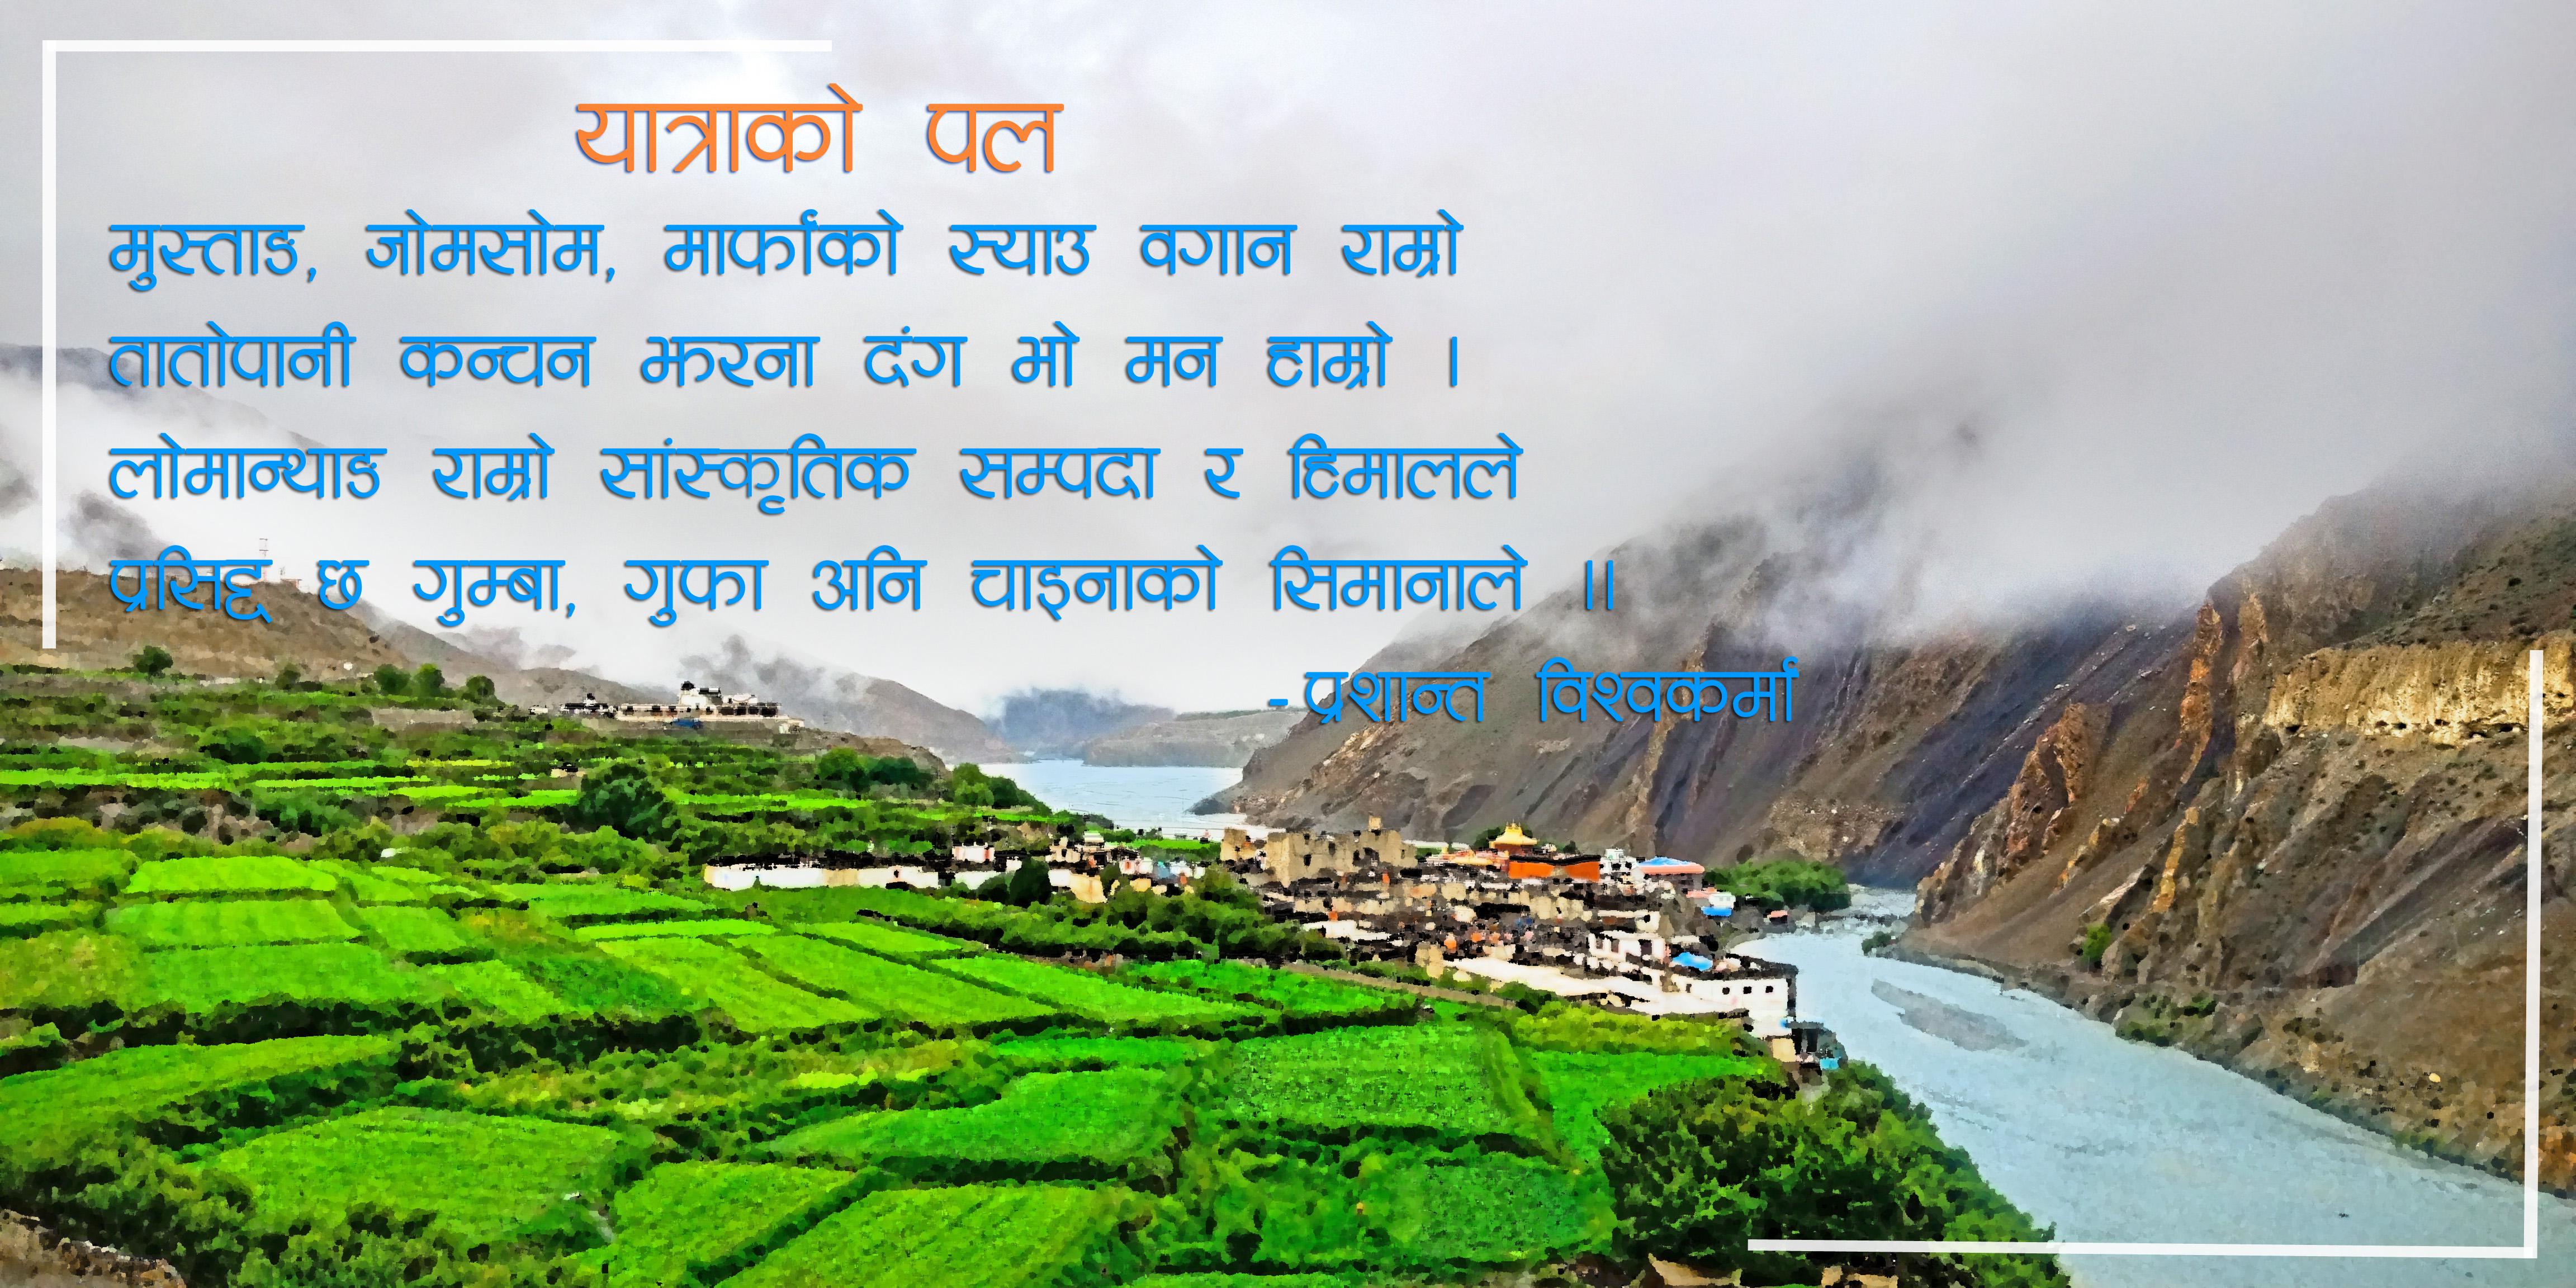 Nepali Poem About Nature